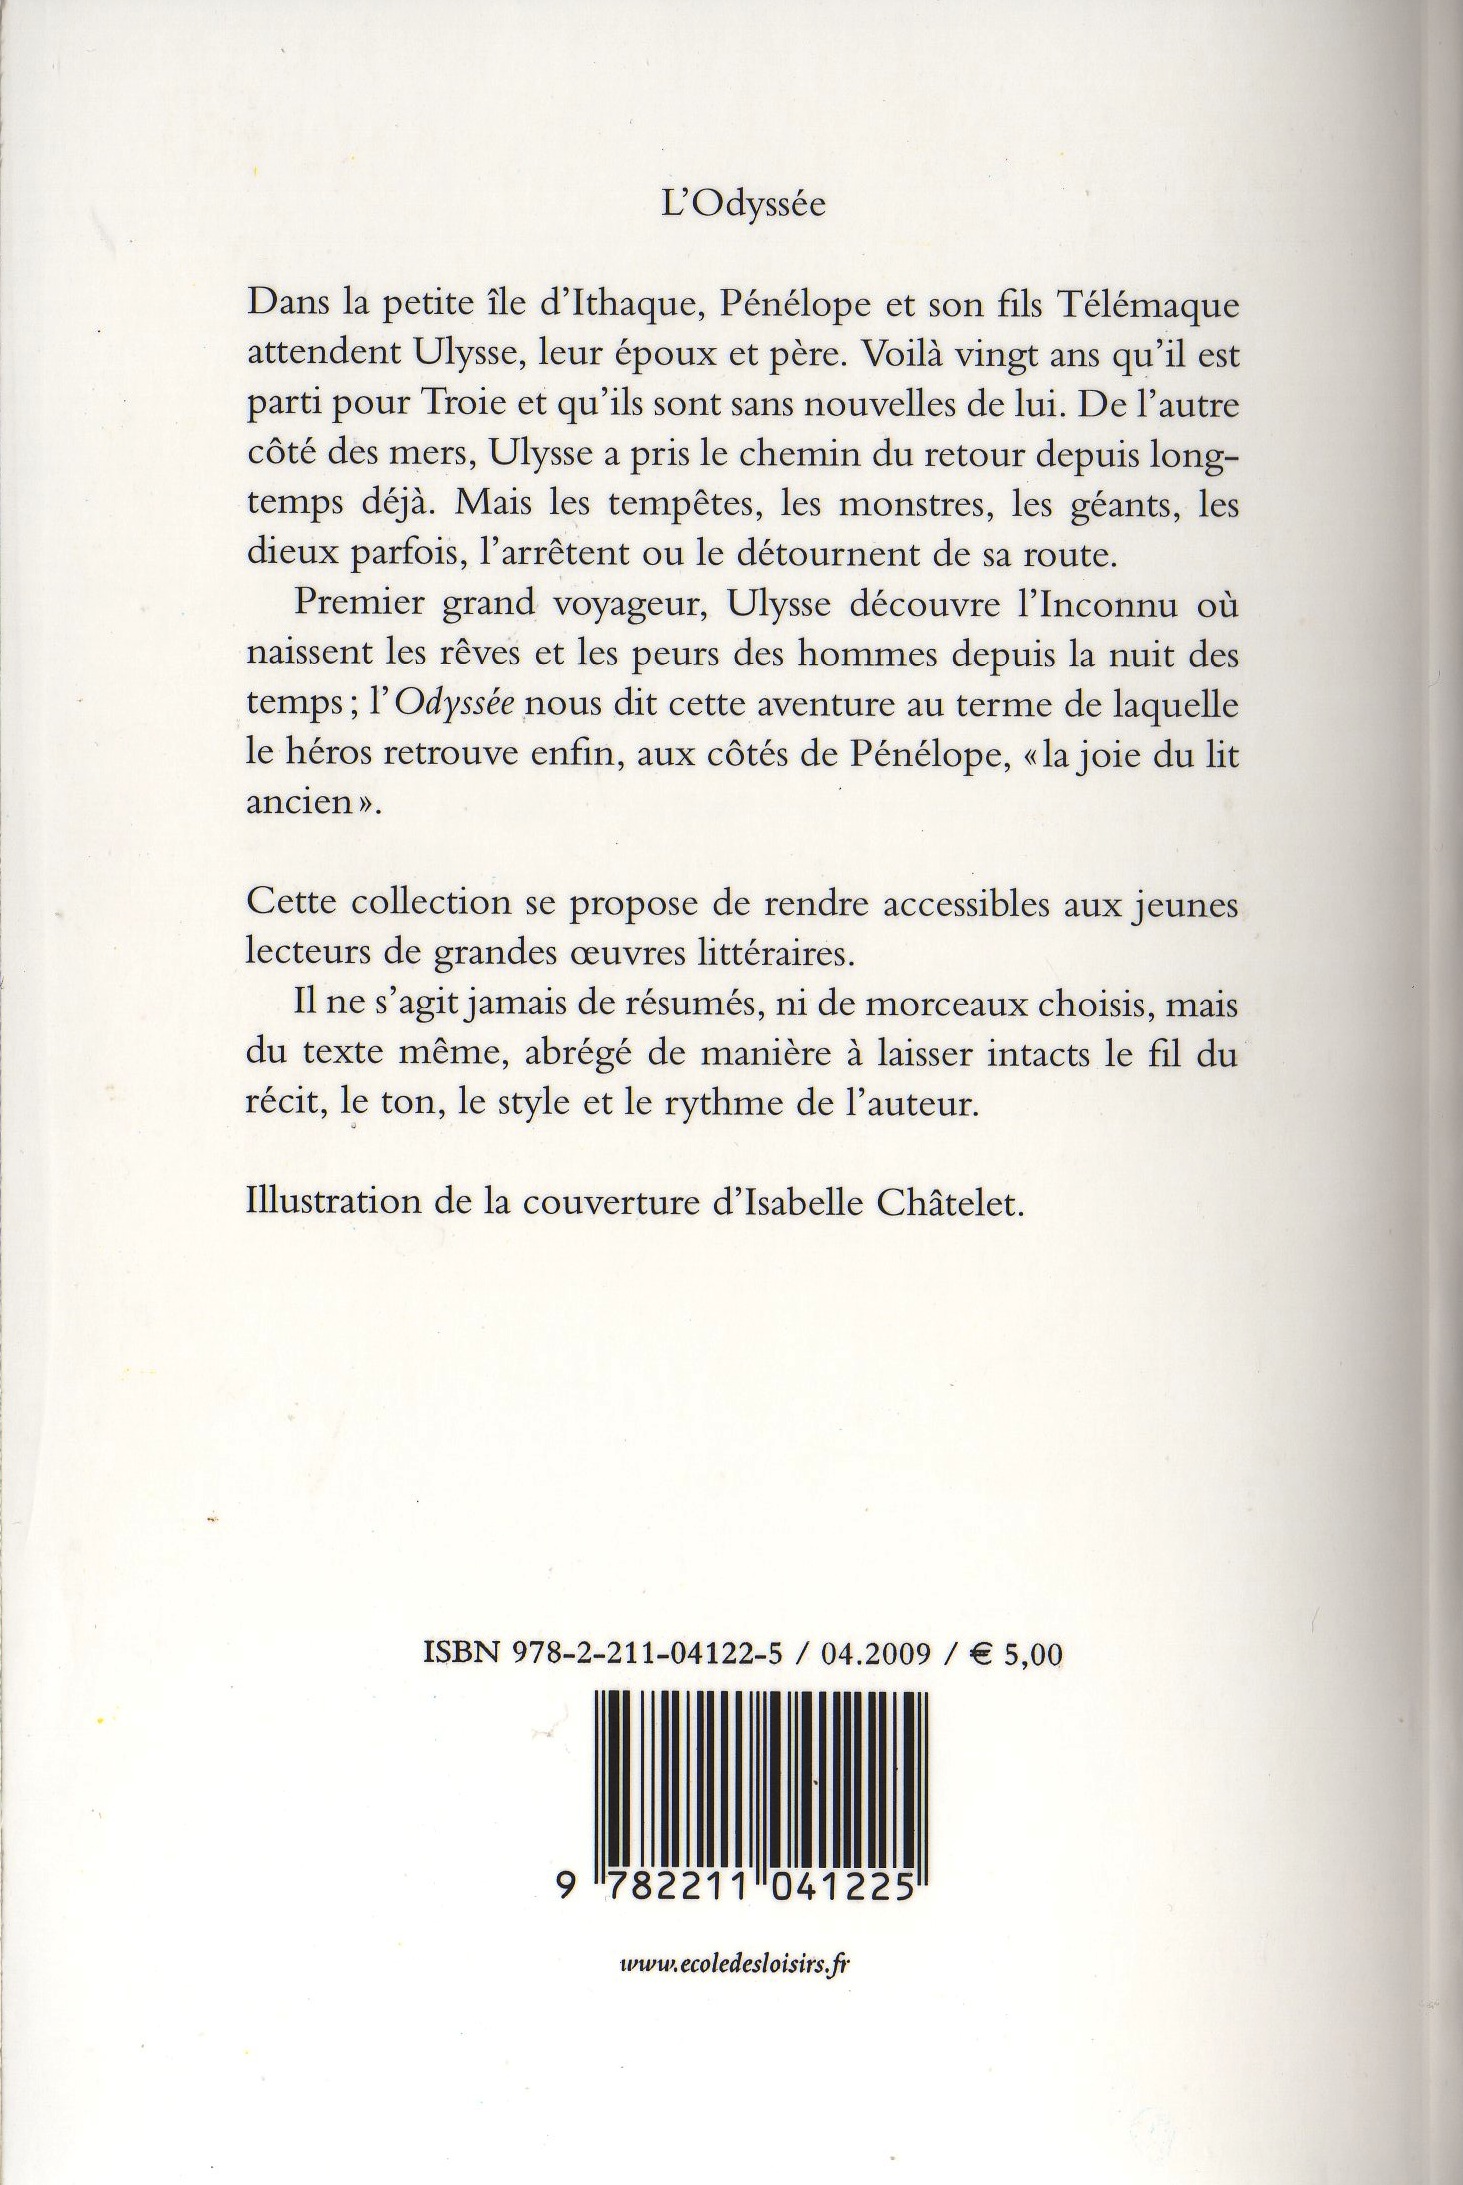 Resume de lodyssee - La chambre des officiers resume du livre ...